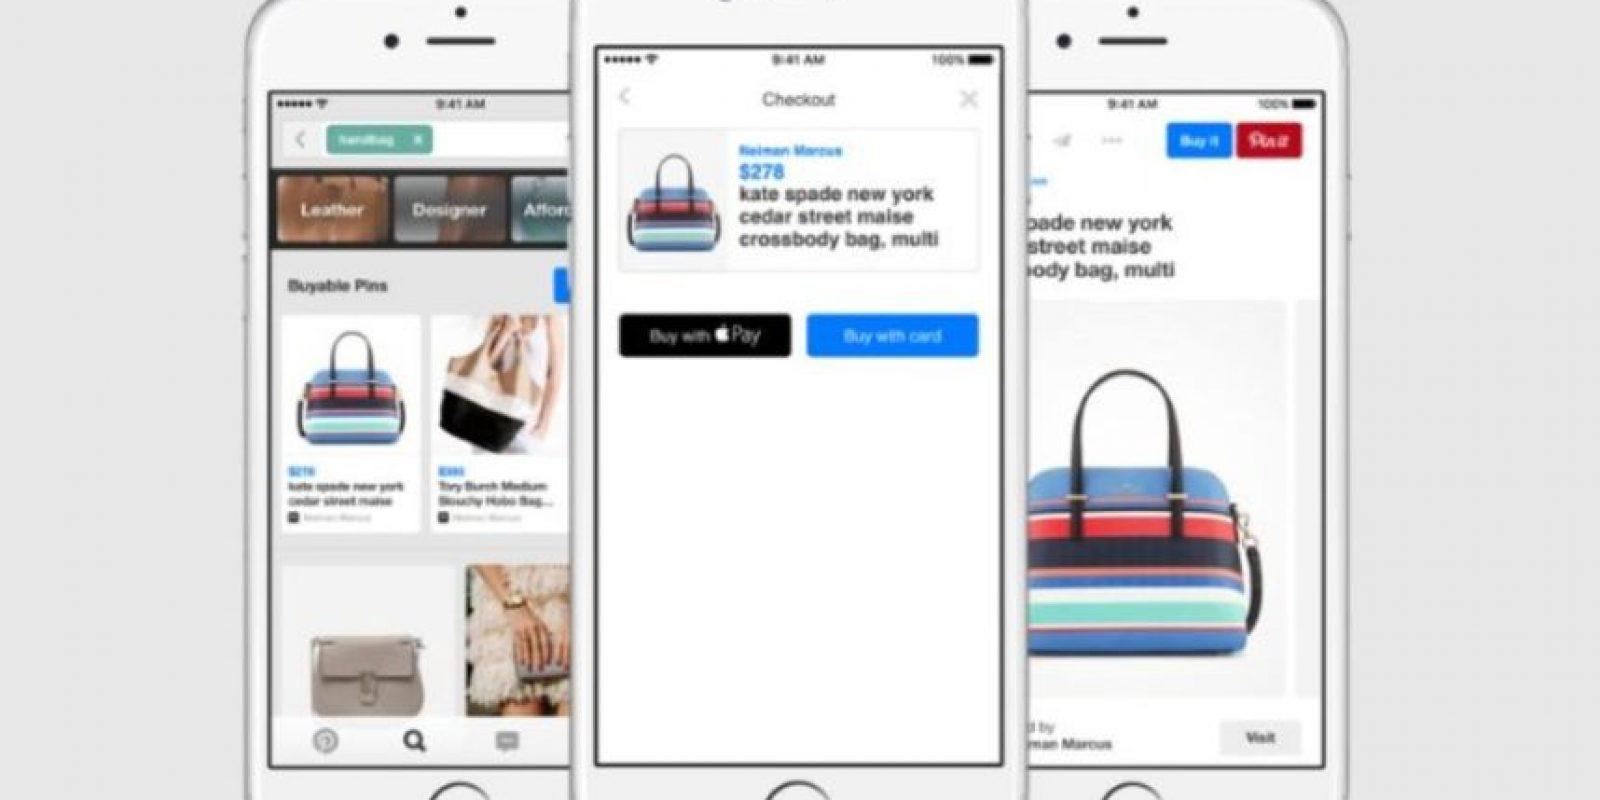 Apple Pay permitirá comprar en muchas tiendas y departamentos comerciales. Foto:Apple